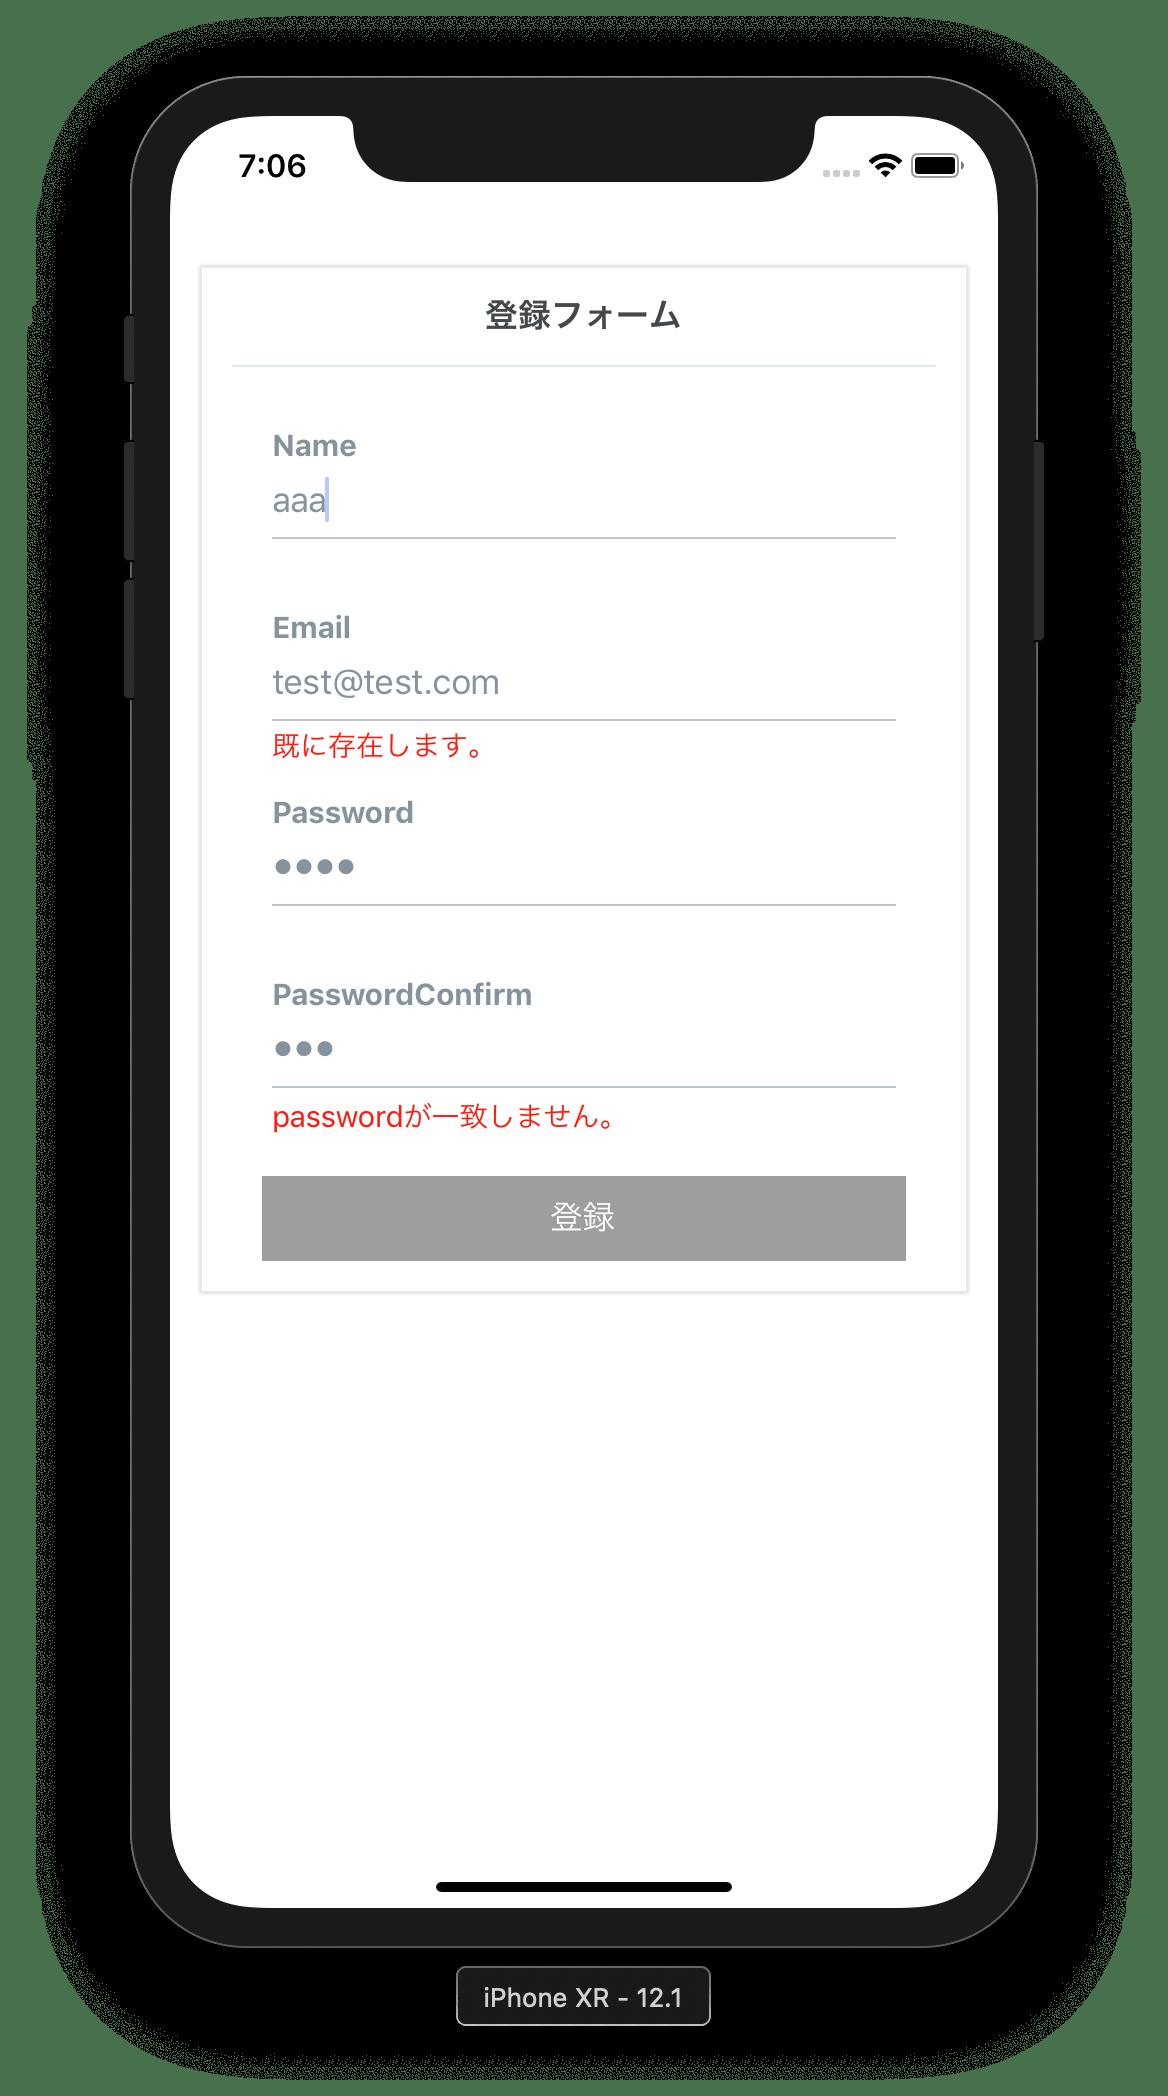 スクリーンショット 2018-11-25 7.06.25.png